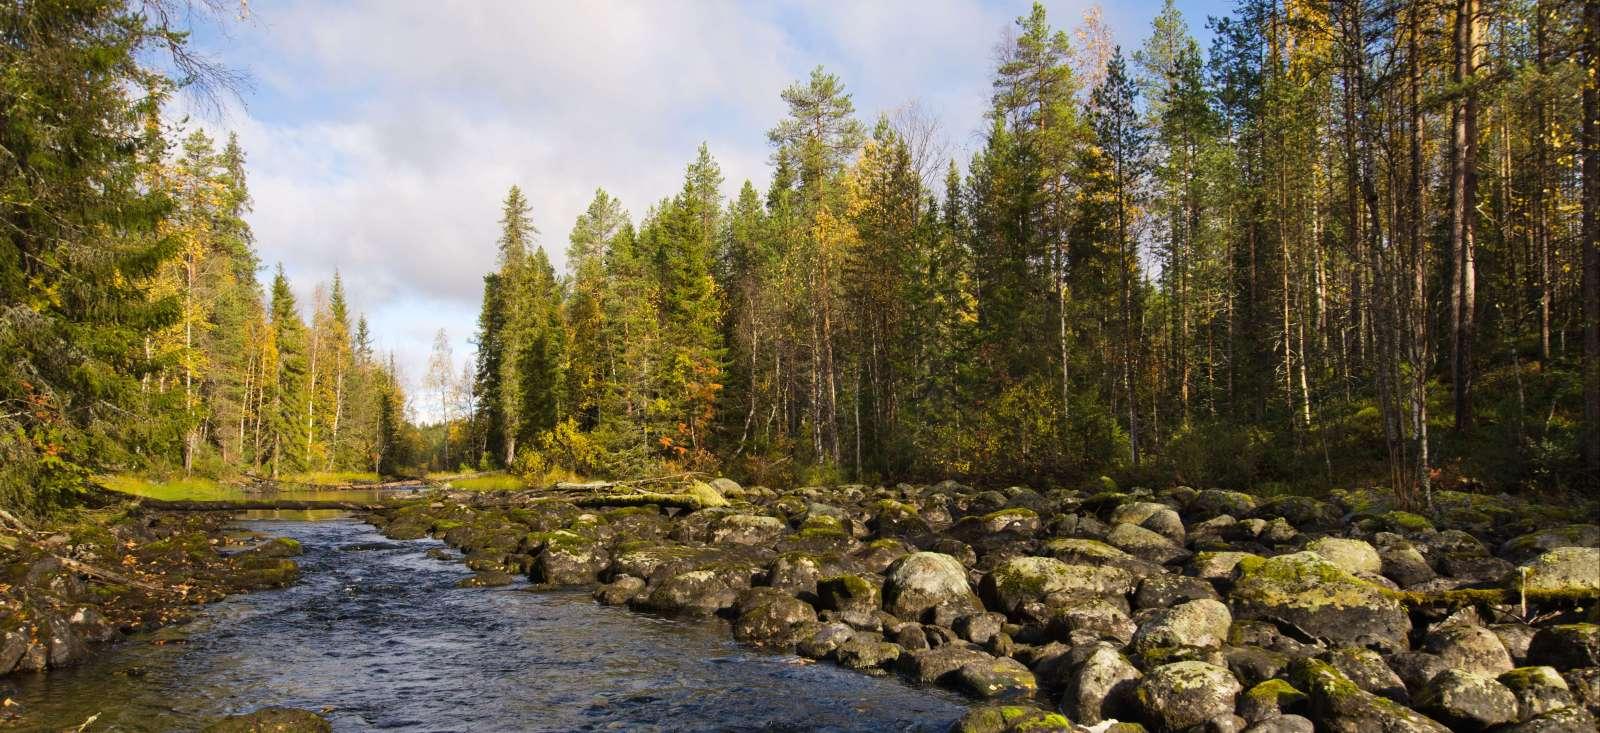 Voyage à la neige : Finlande : Au cœur de l\'été arctique finlandais